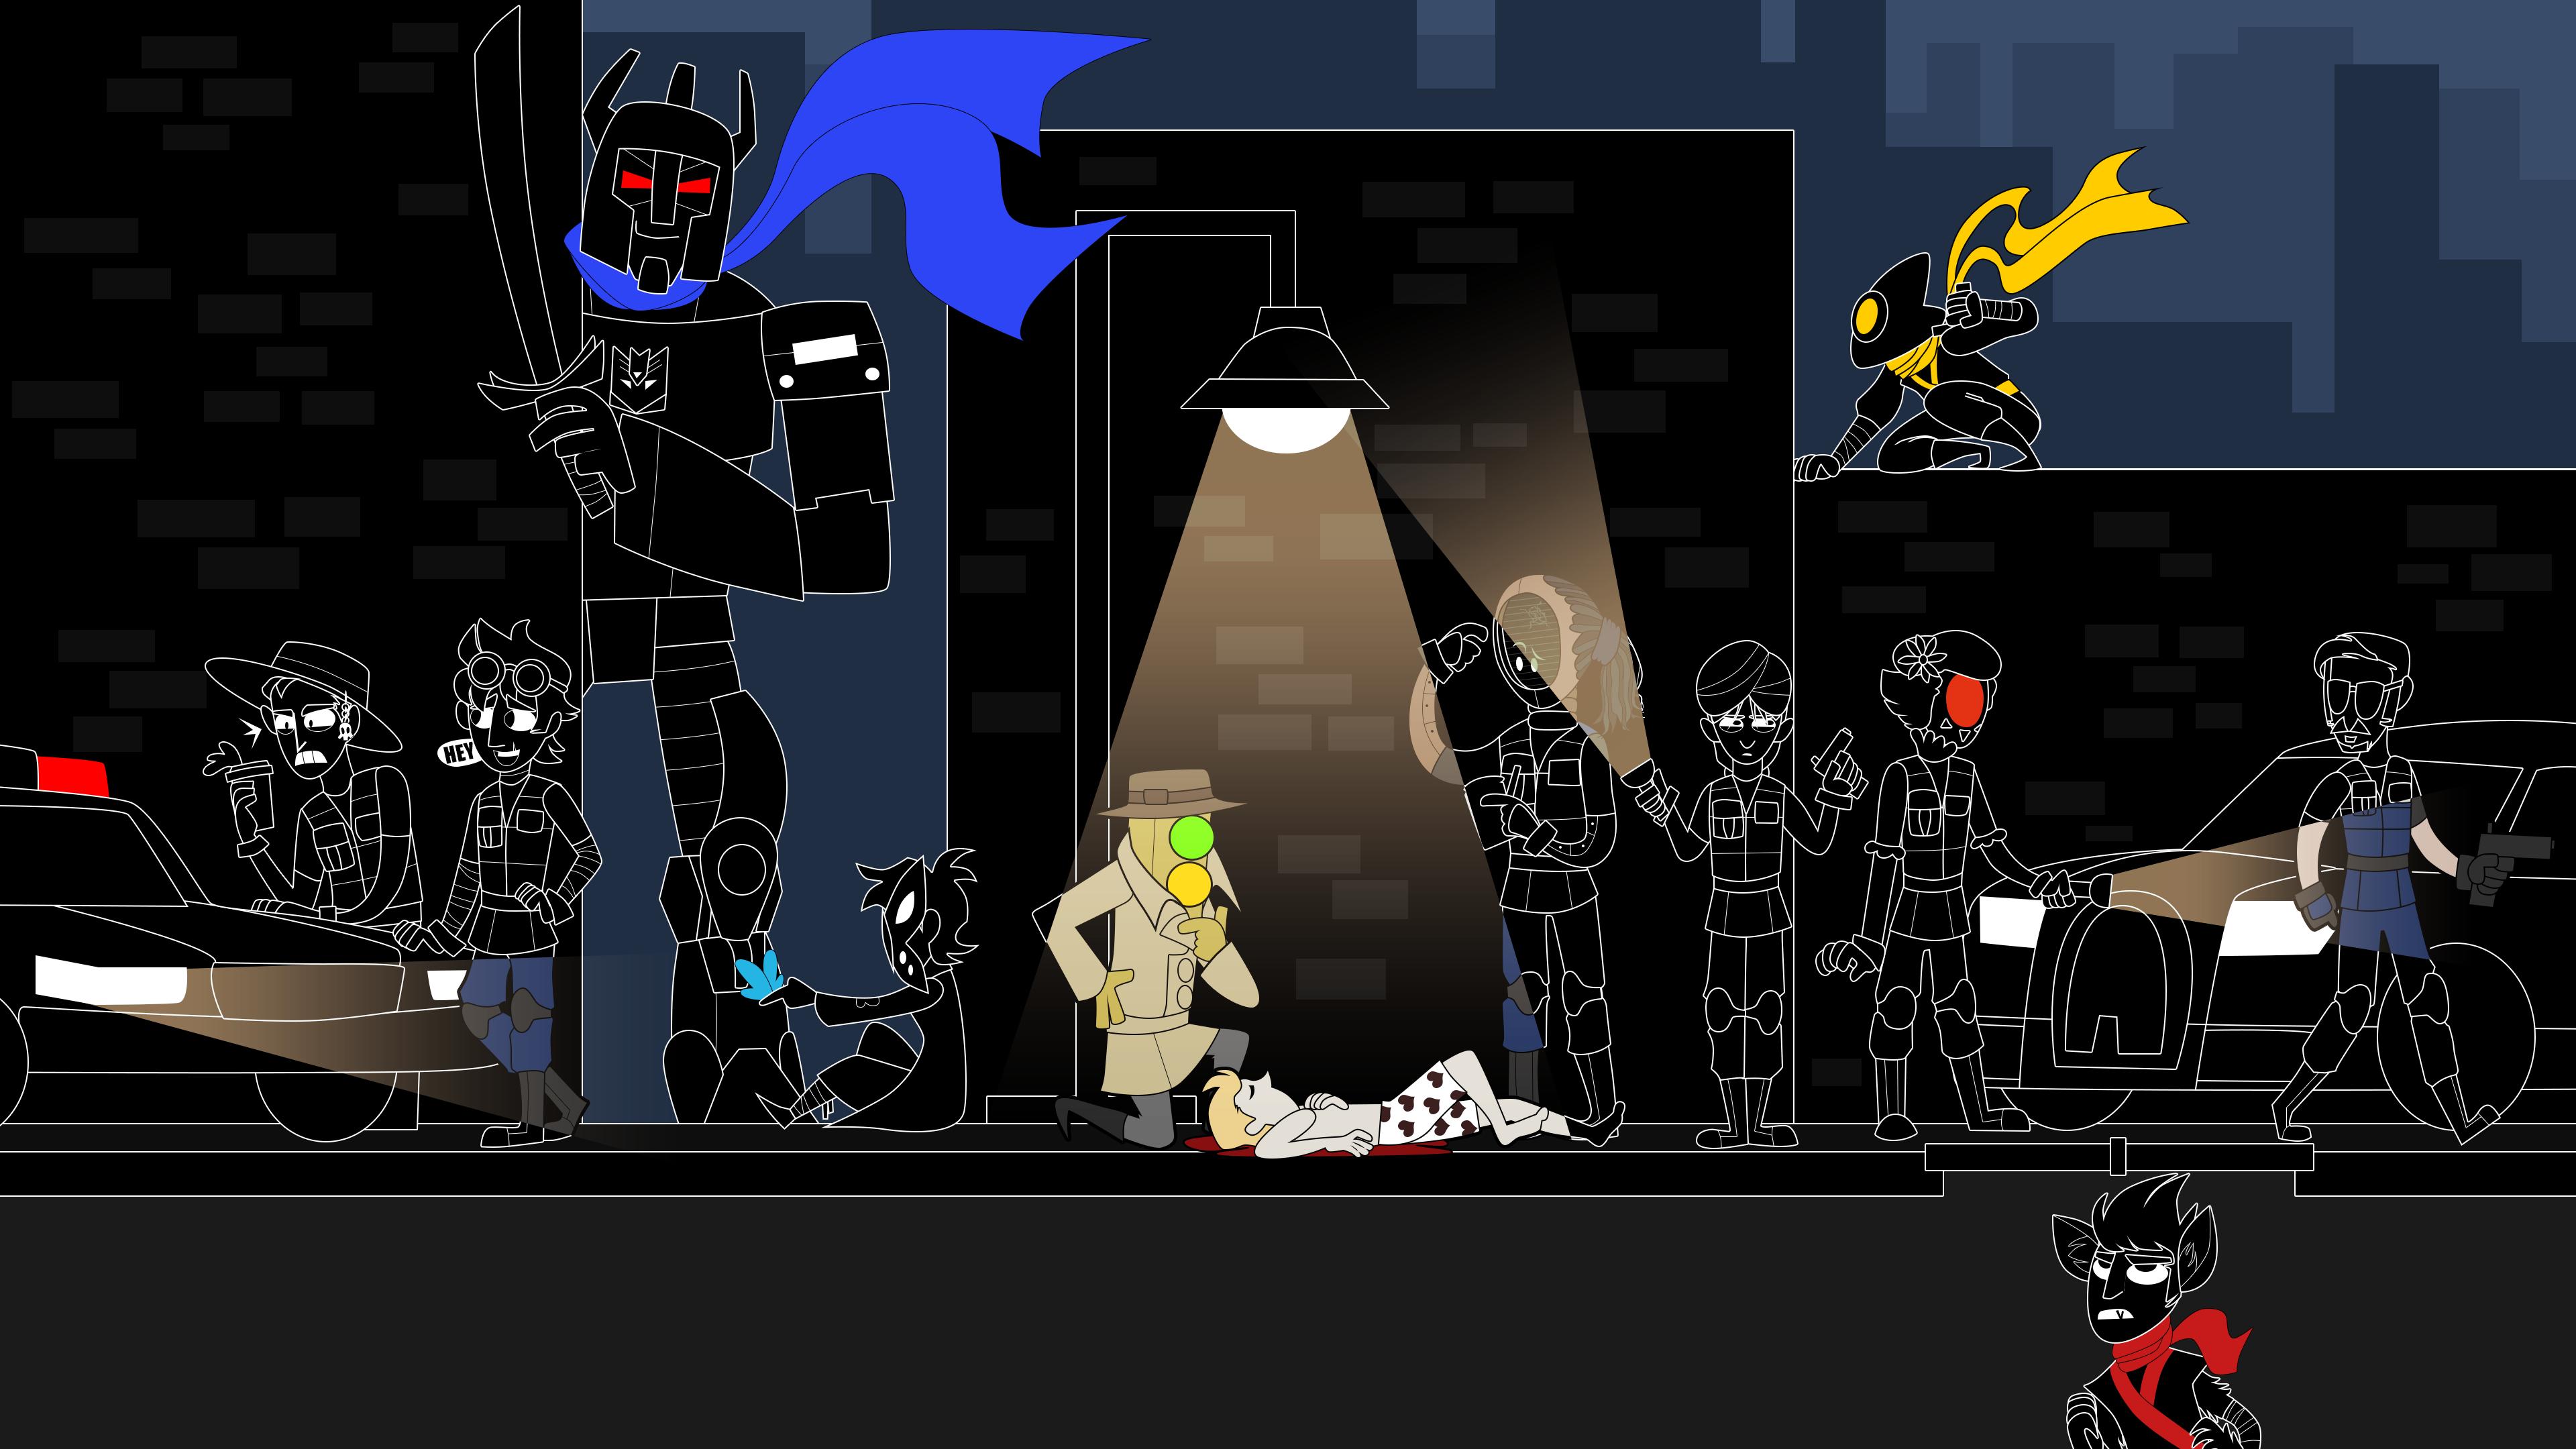 Mark Of The Ninja Crossover By Generalofdarkness On Deviantart